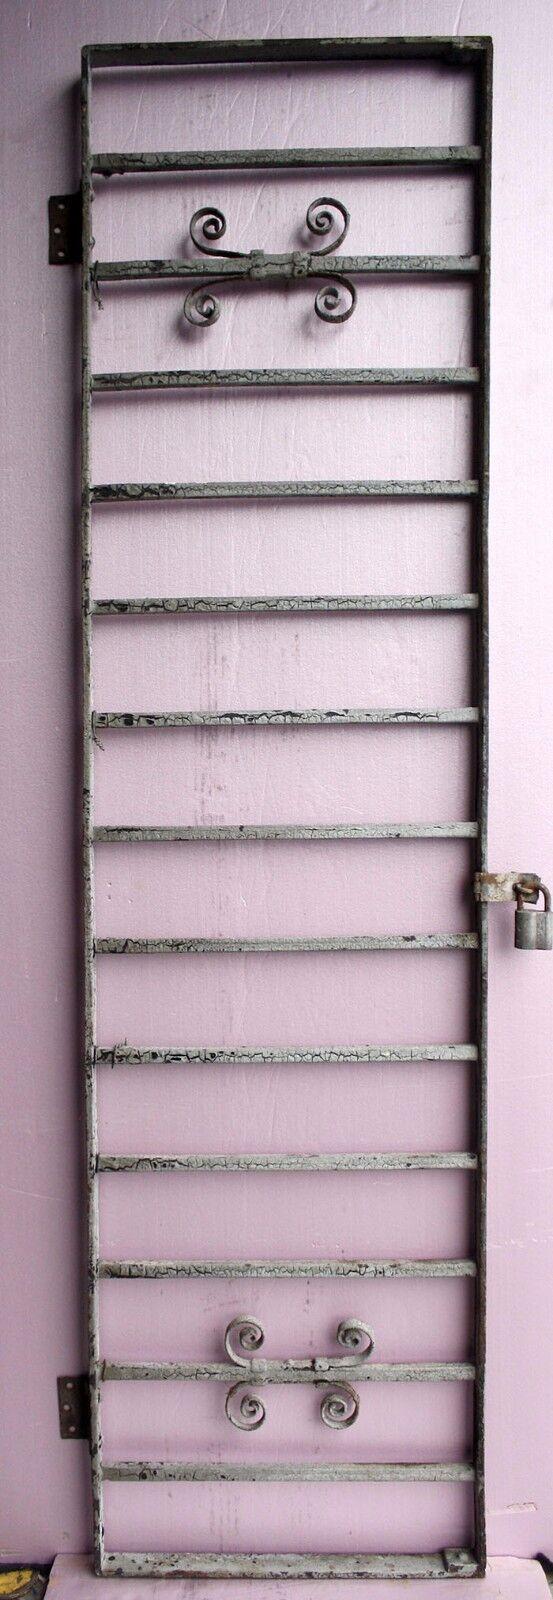 57x15 Antique Vintage Steel Iron Metal Fence Gate Door Panel Window Guard Grille